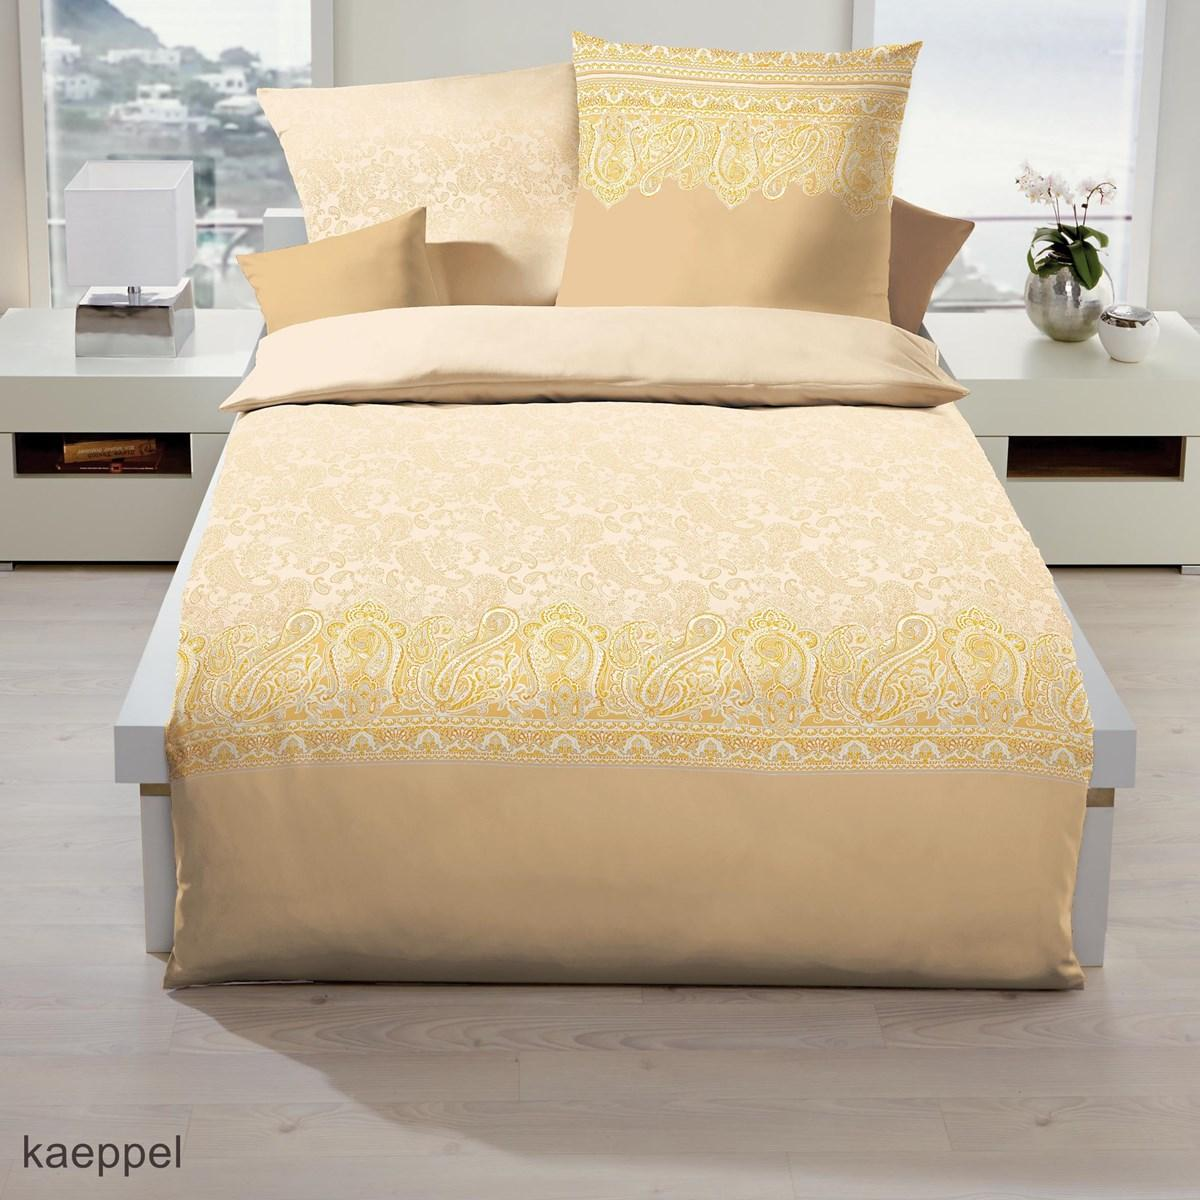 posteljnina iz satena kaeppel persis - zlato rumena